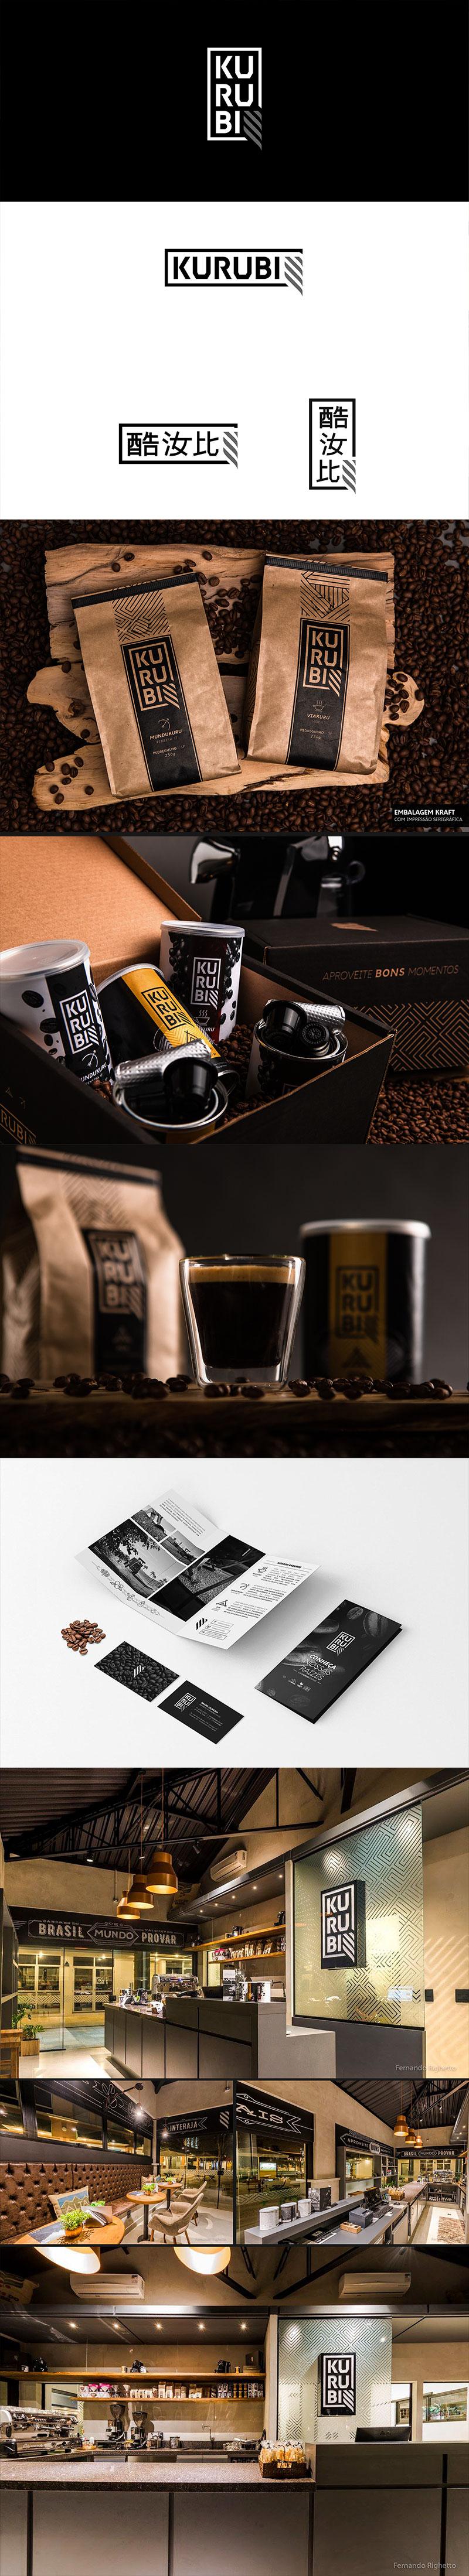 Café Kurubi